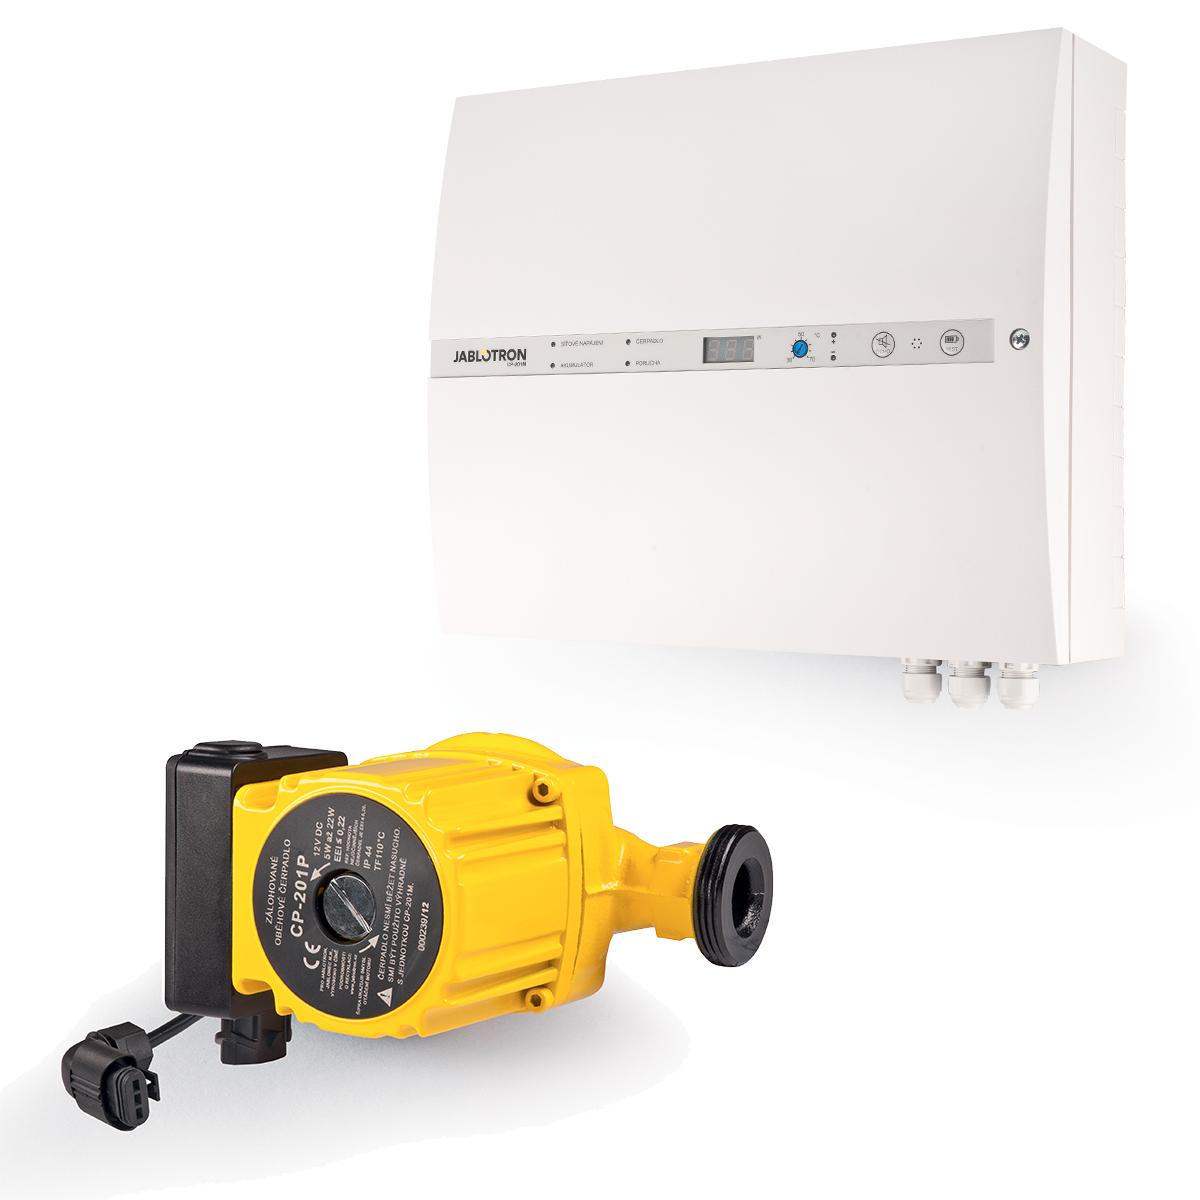 Regulace topení Jablotron (Oběhové čerpadlo 12V, záložní zdroj, řídící jednotka, teplotní senzory, spalinový termostat, siréna)